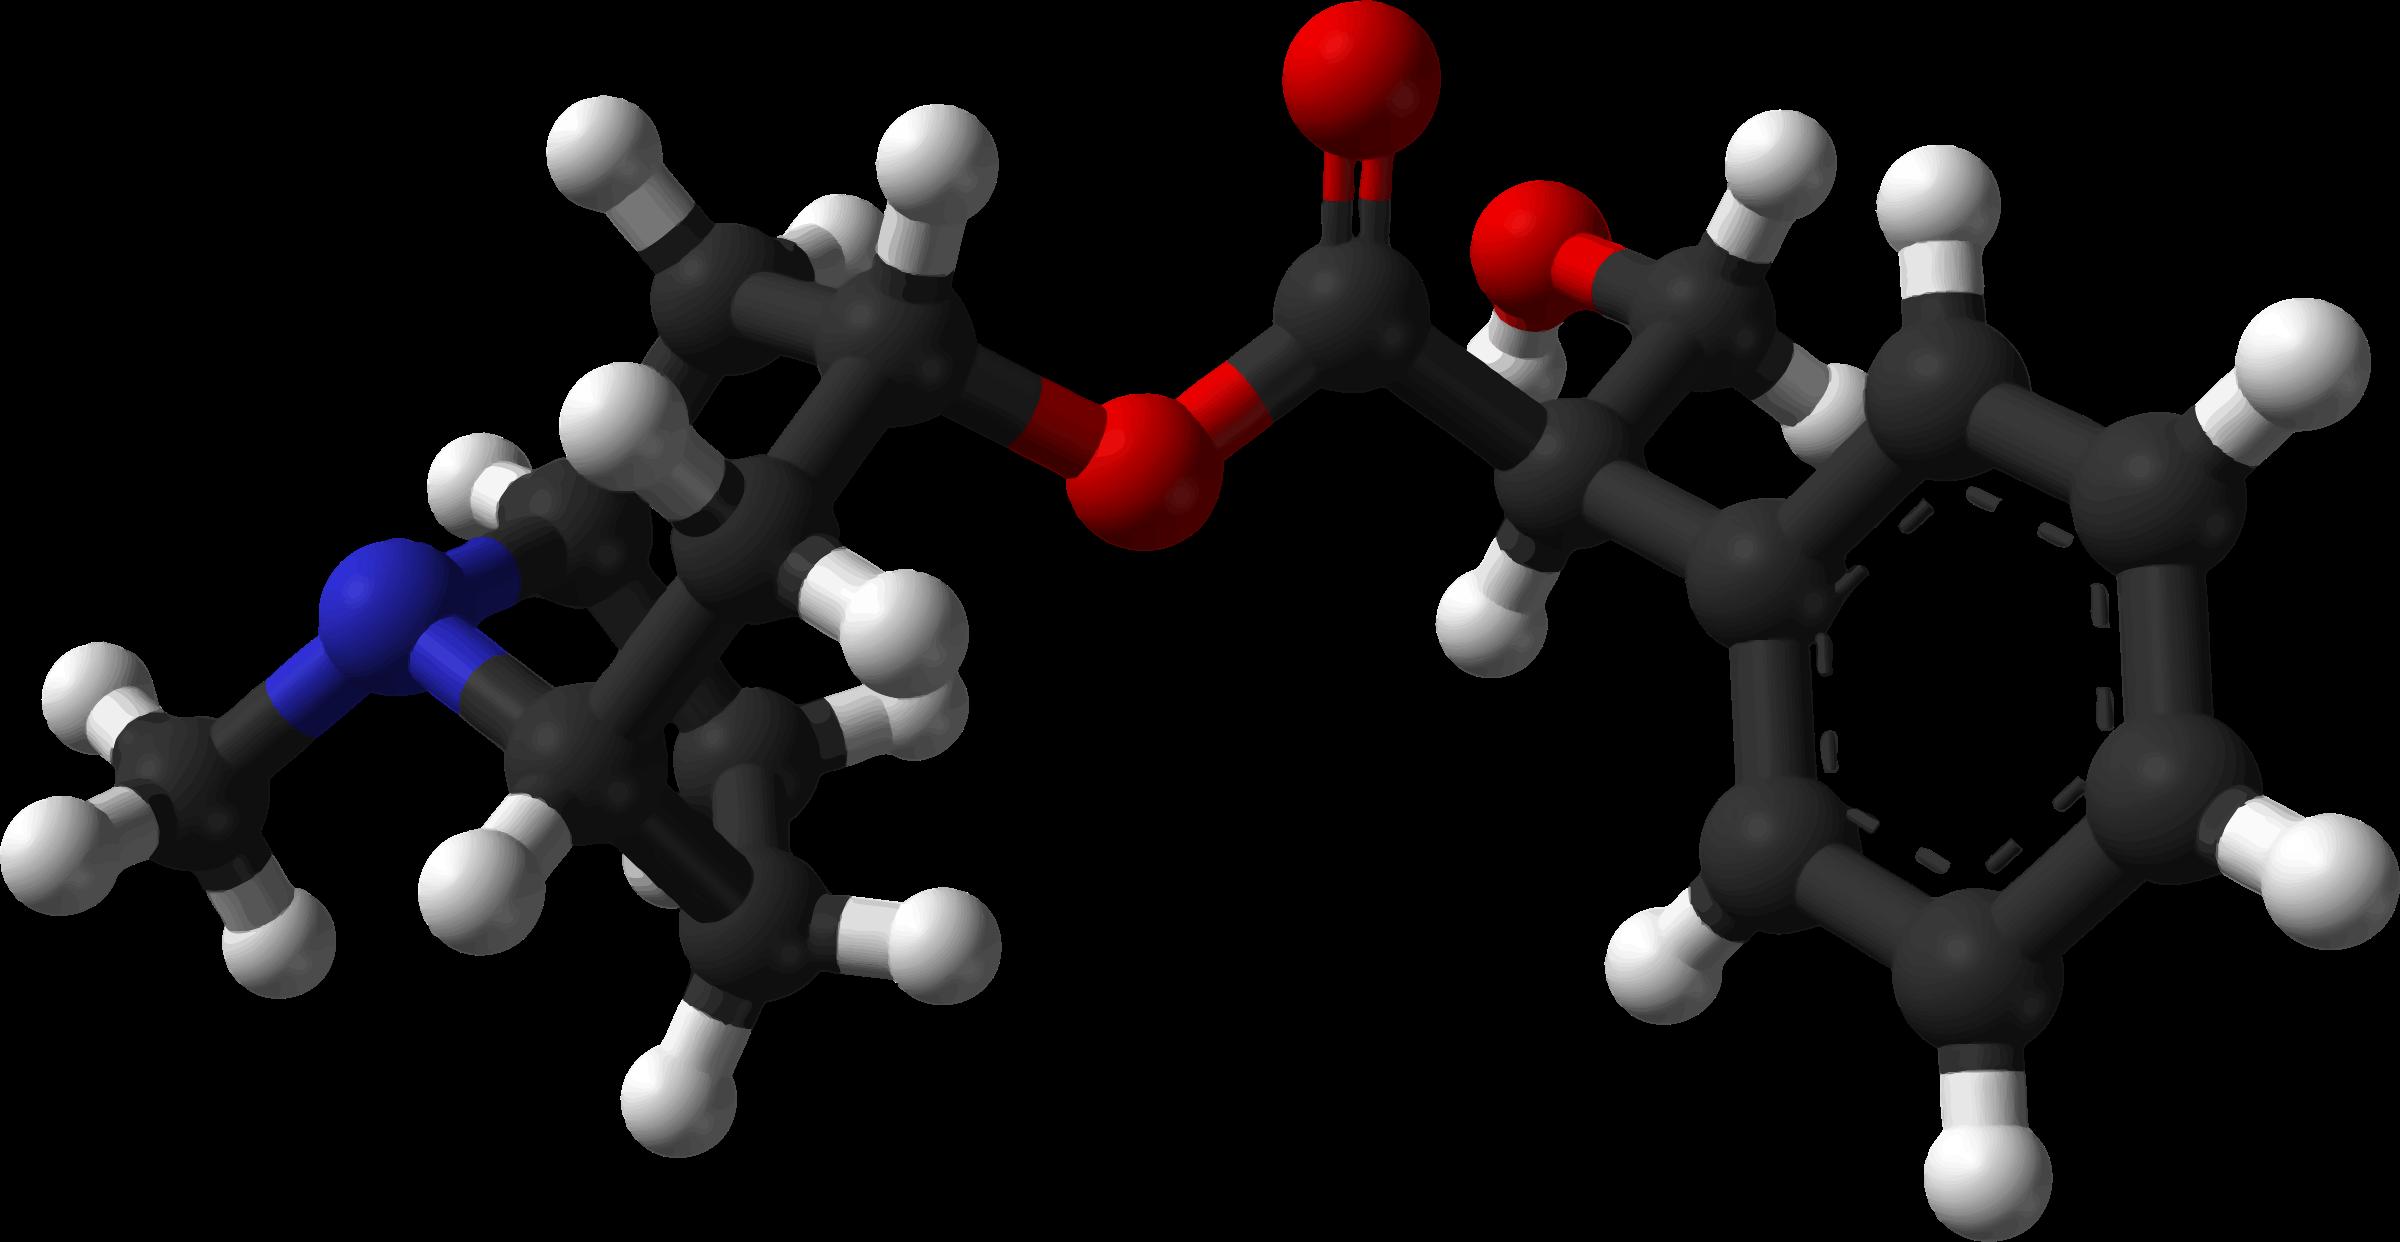 3d Model of Molecules Vector Clipart image.